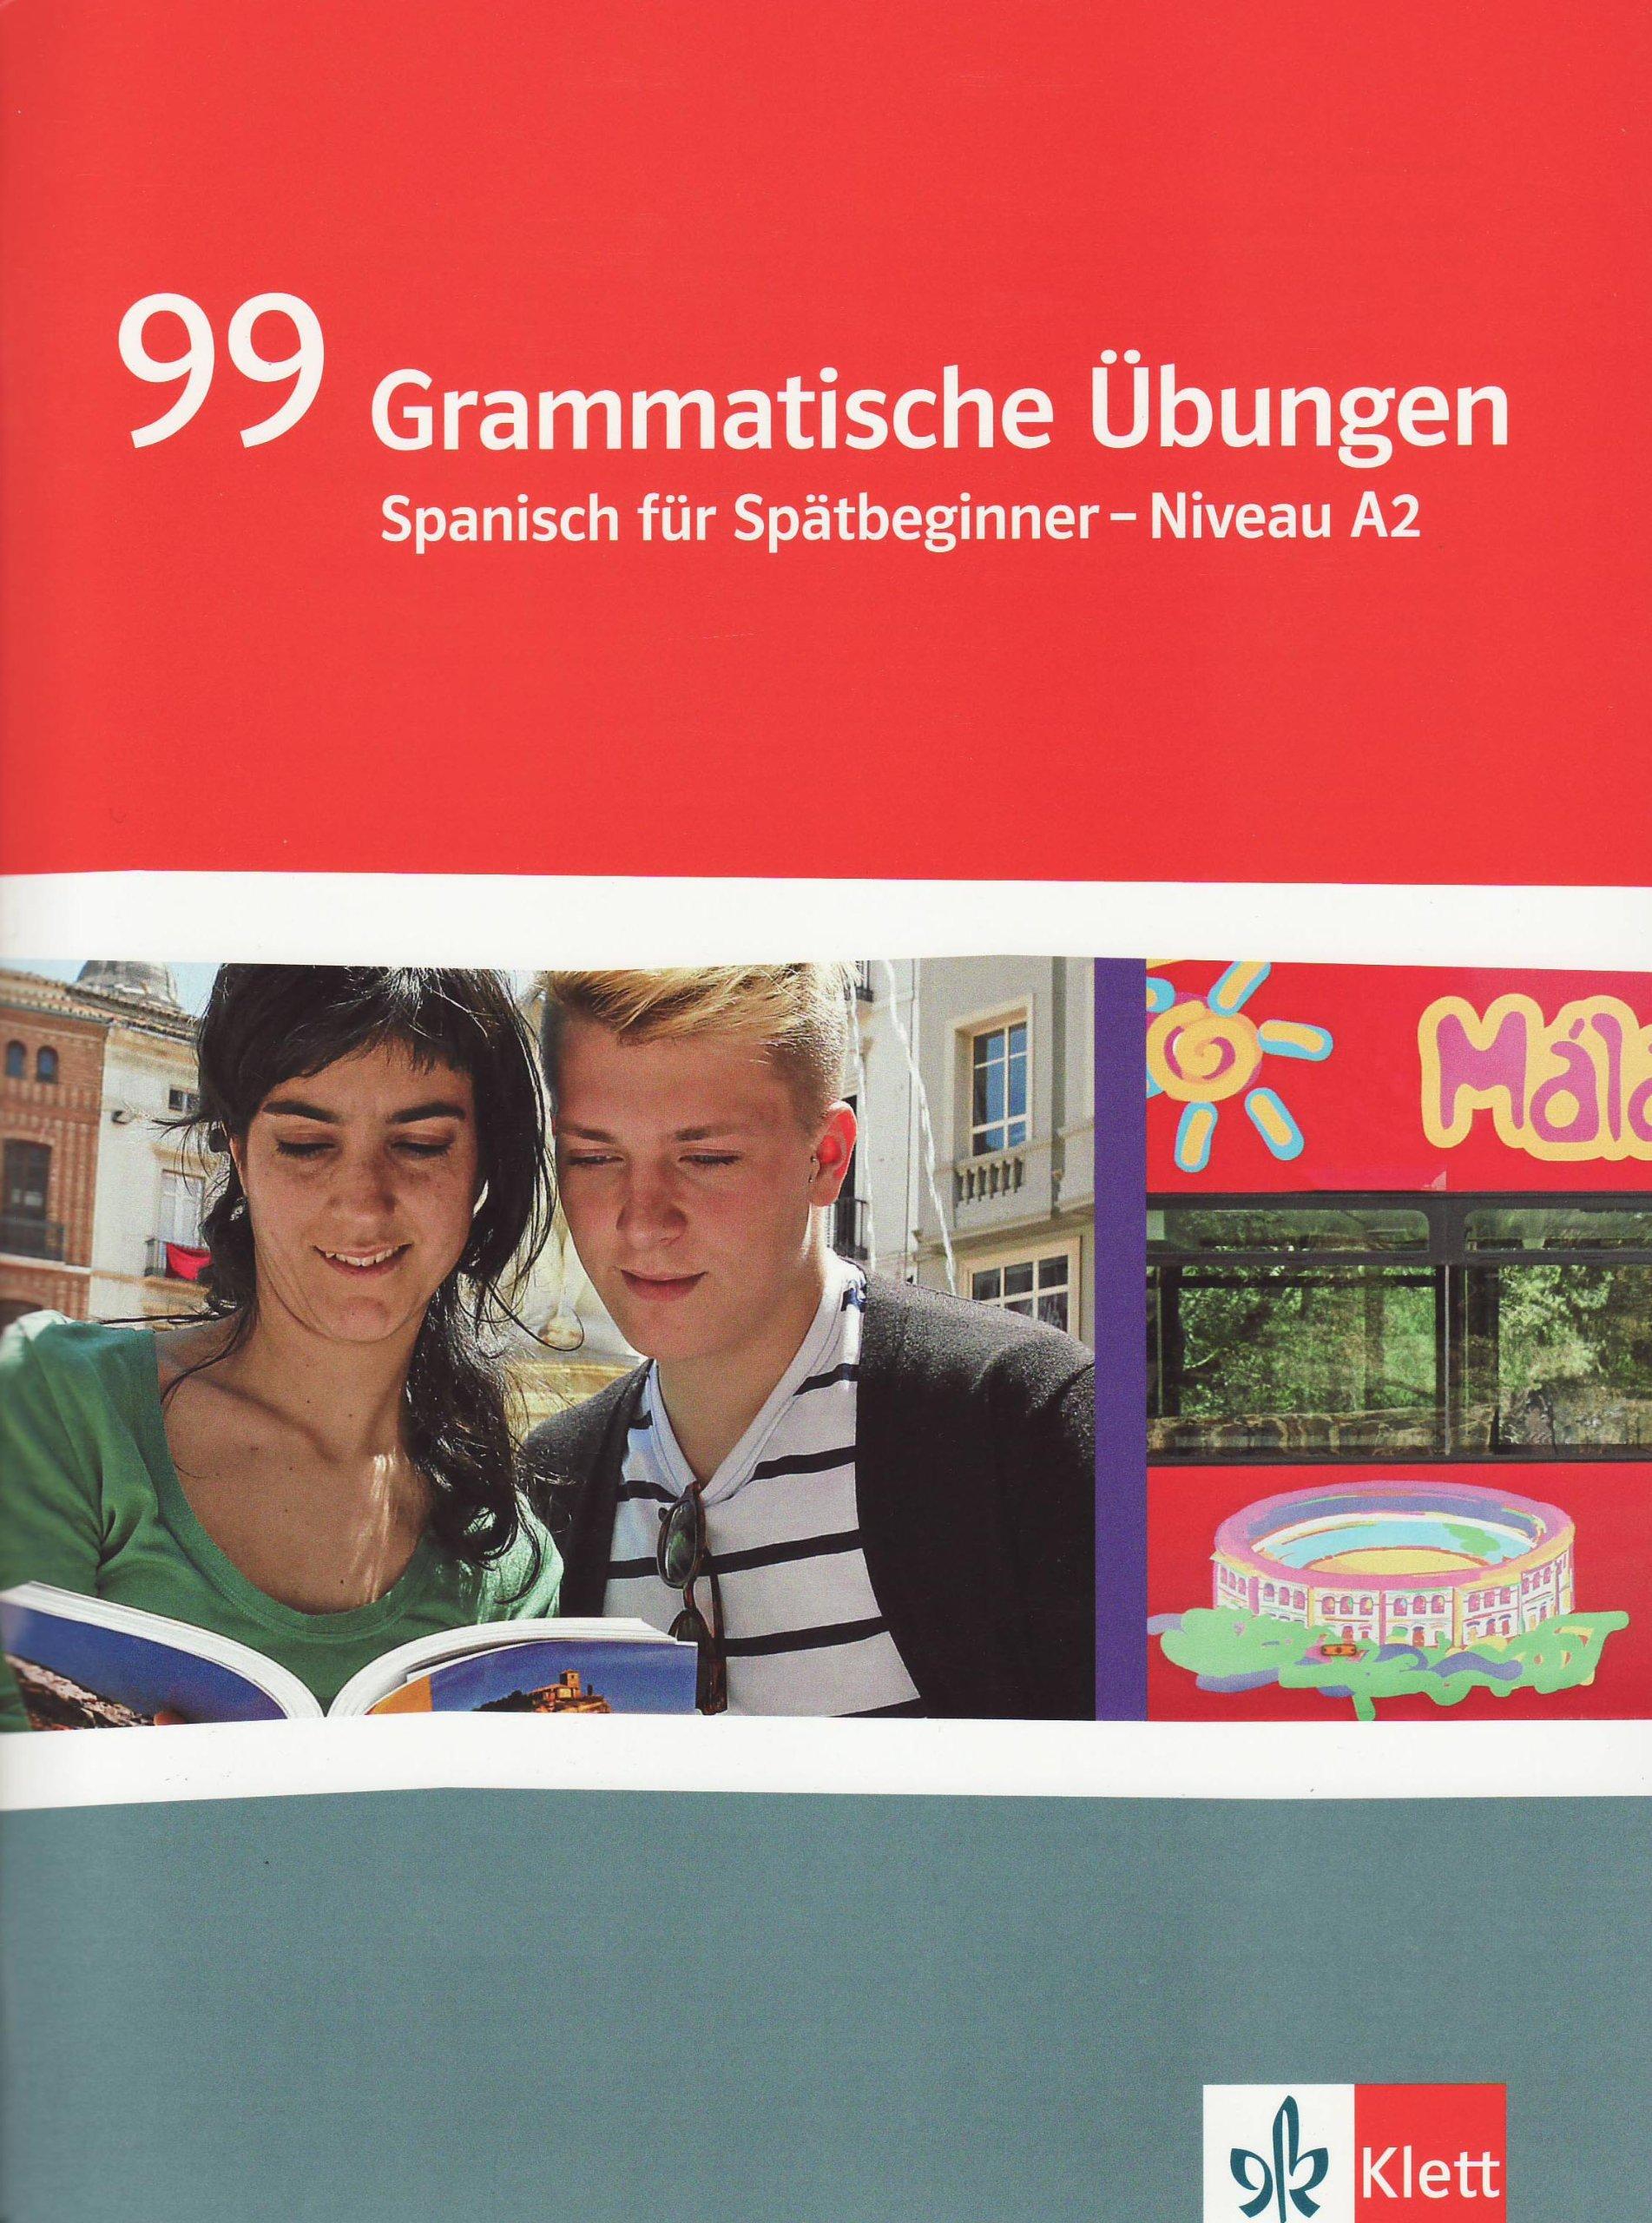 99 Grammatische Übungen: Spanisch für Spätbeginner - Niveau A2